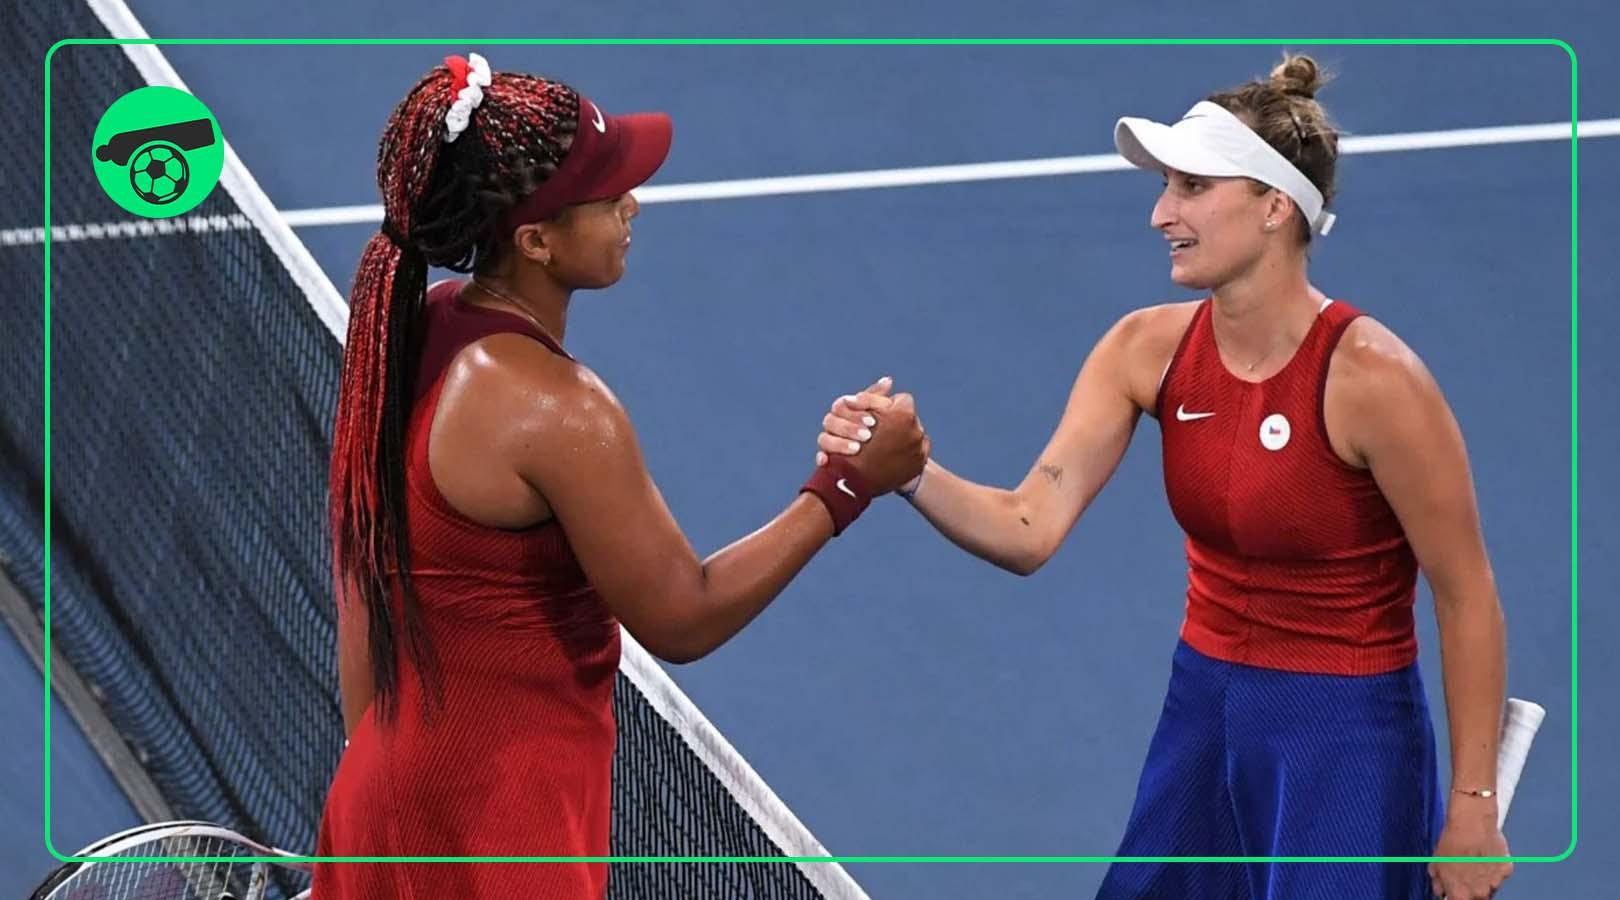 Naomi Osaka exits Olympics by losing to Vondrousova